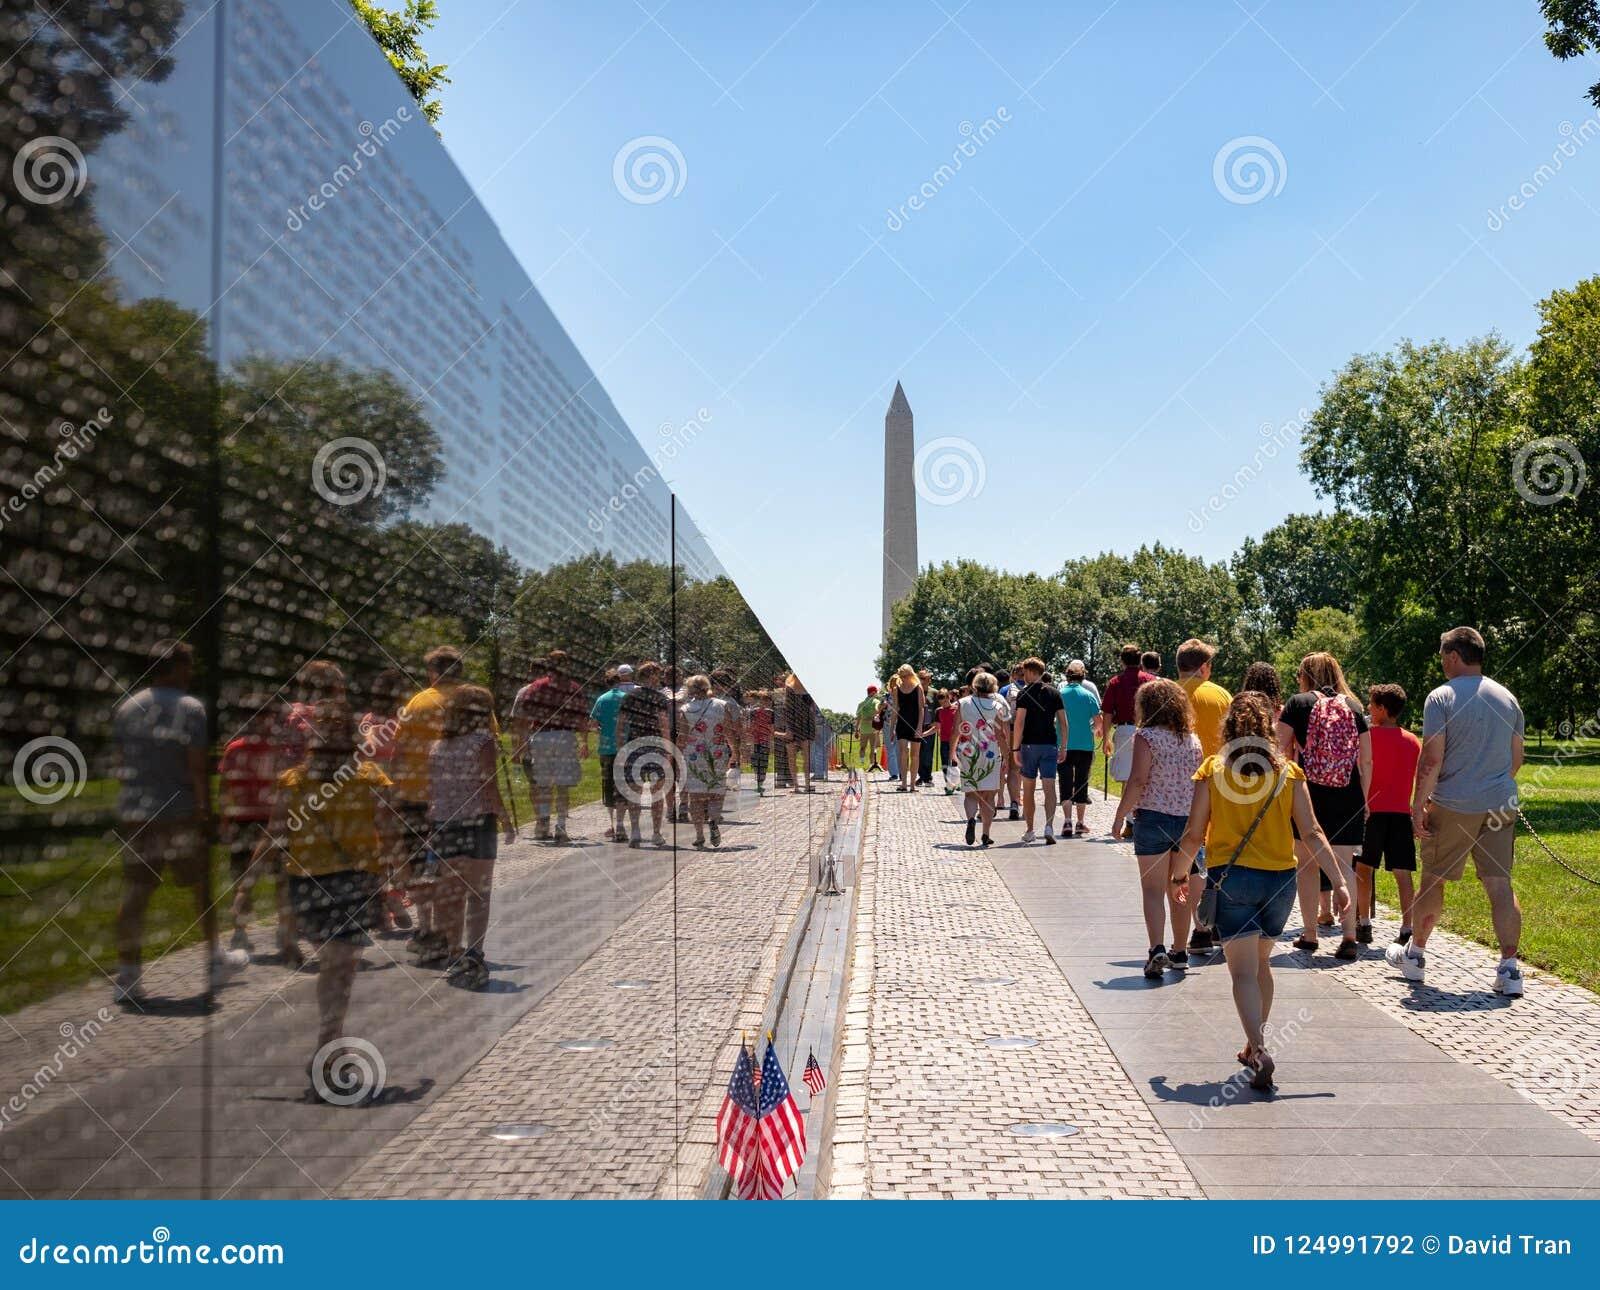 Μνημείο παλαιμάχων του Βιετνάμ με τους τουρίστες και μνημείο της Ουάσιγκτον στο υπόβαθρο